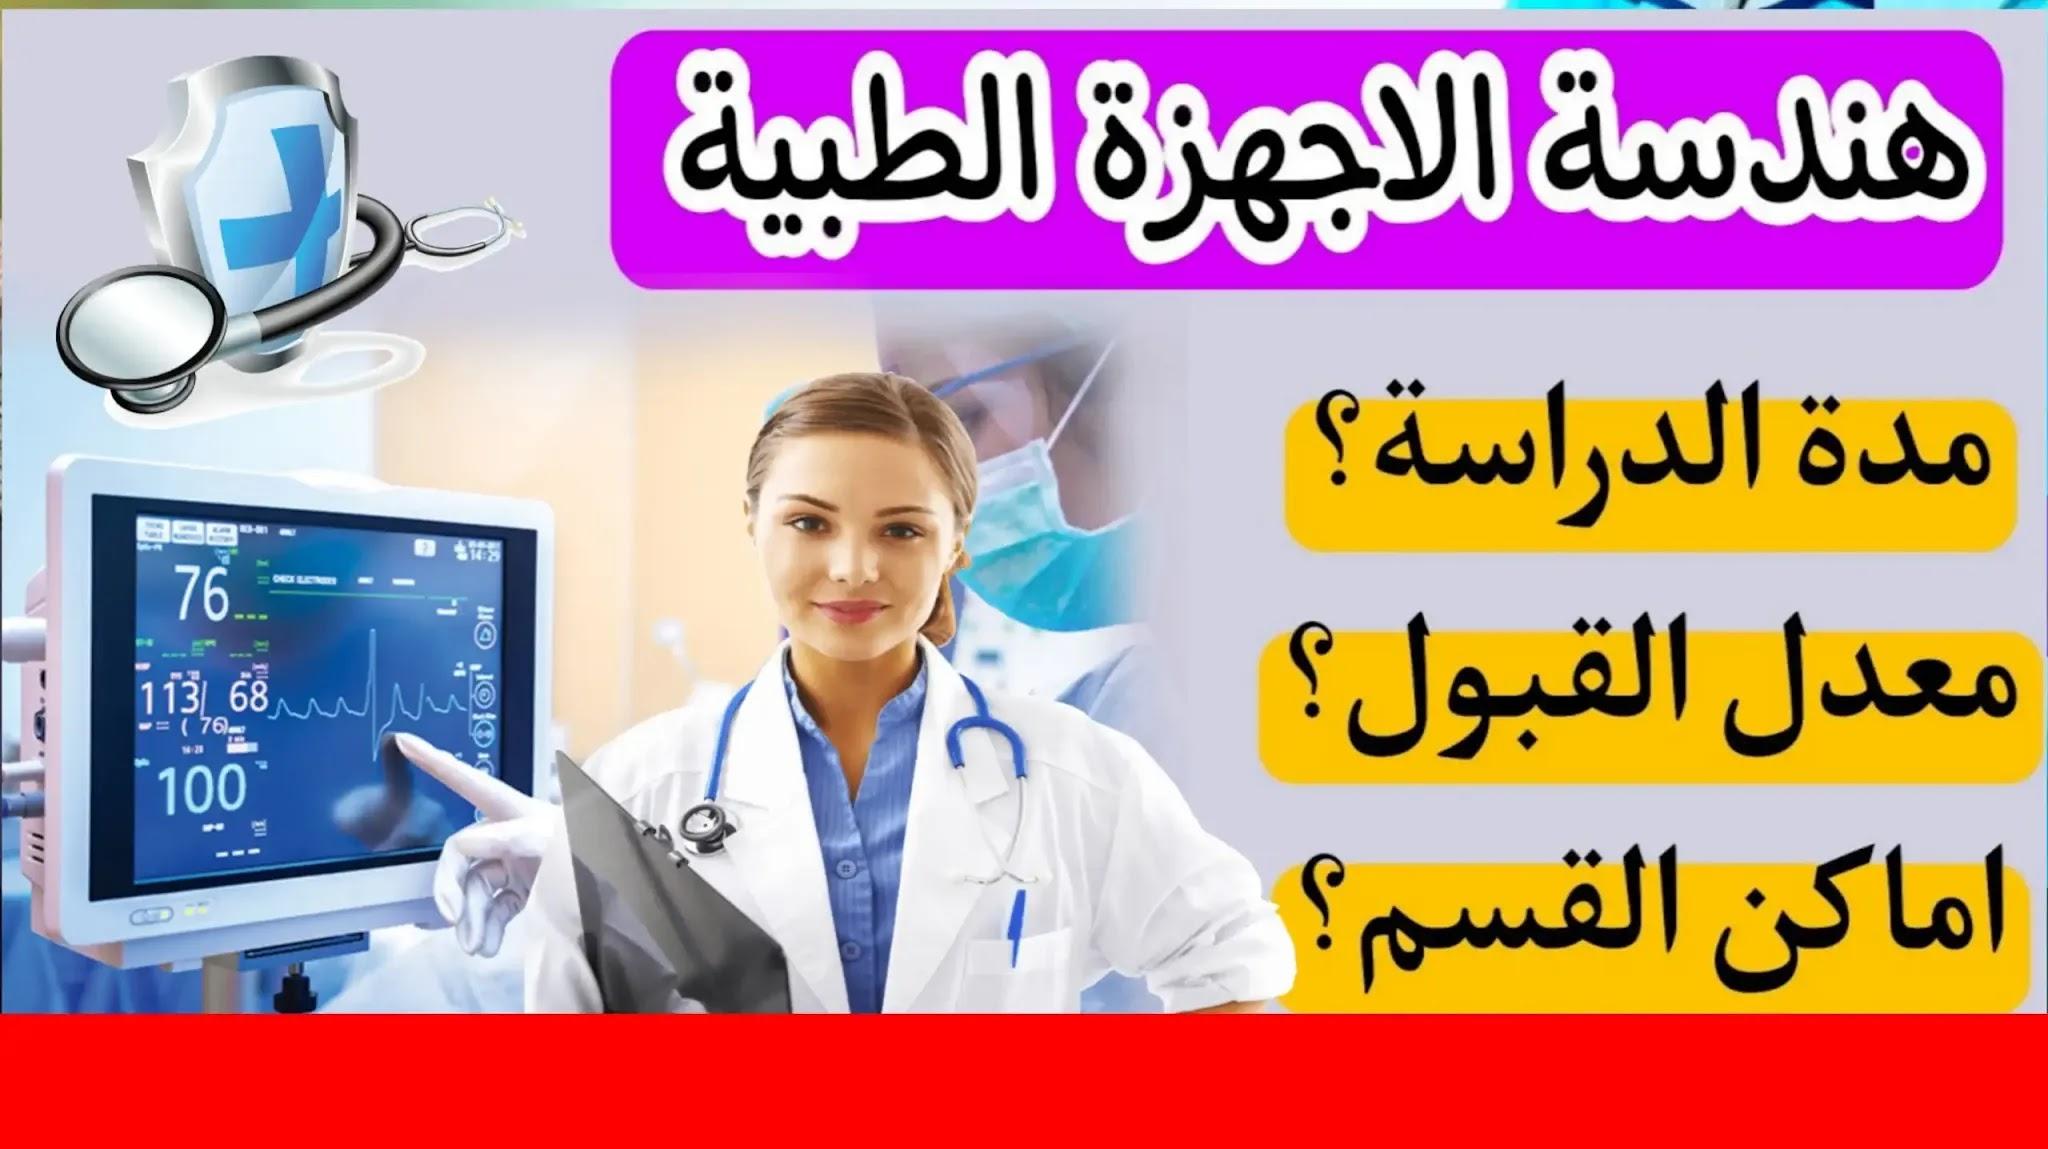 شرح التقديم على كلية الهندسة الطبية في جميع جامعات العراق لعام 2021